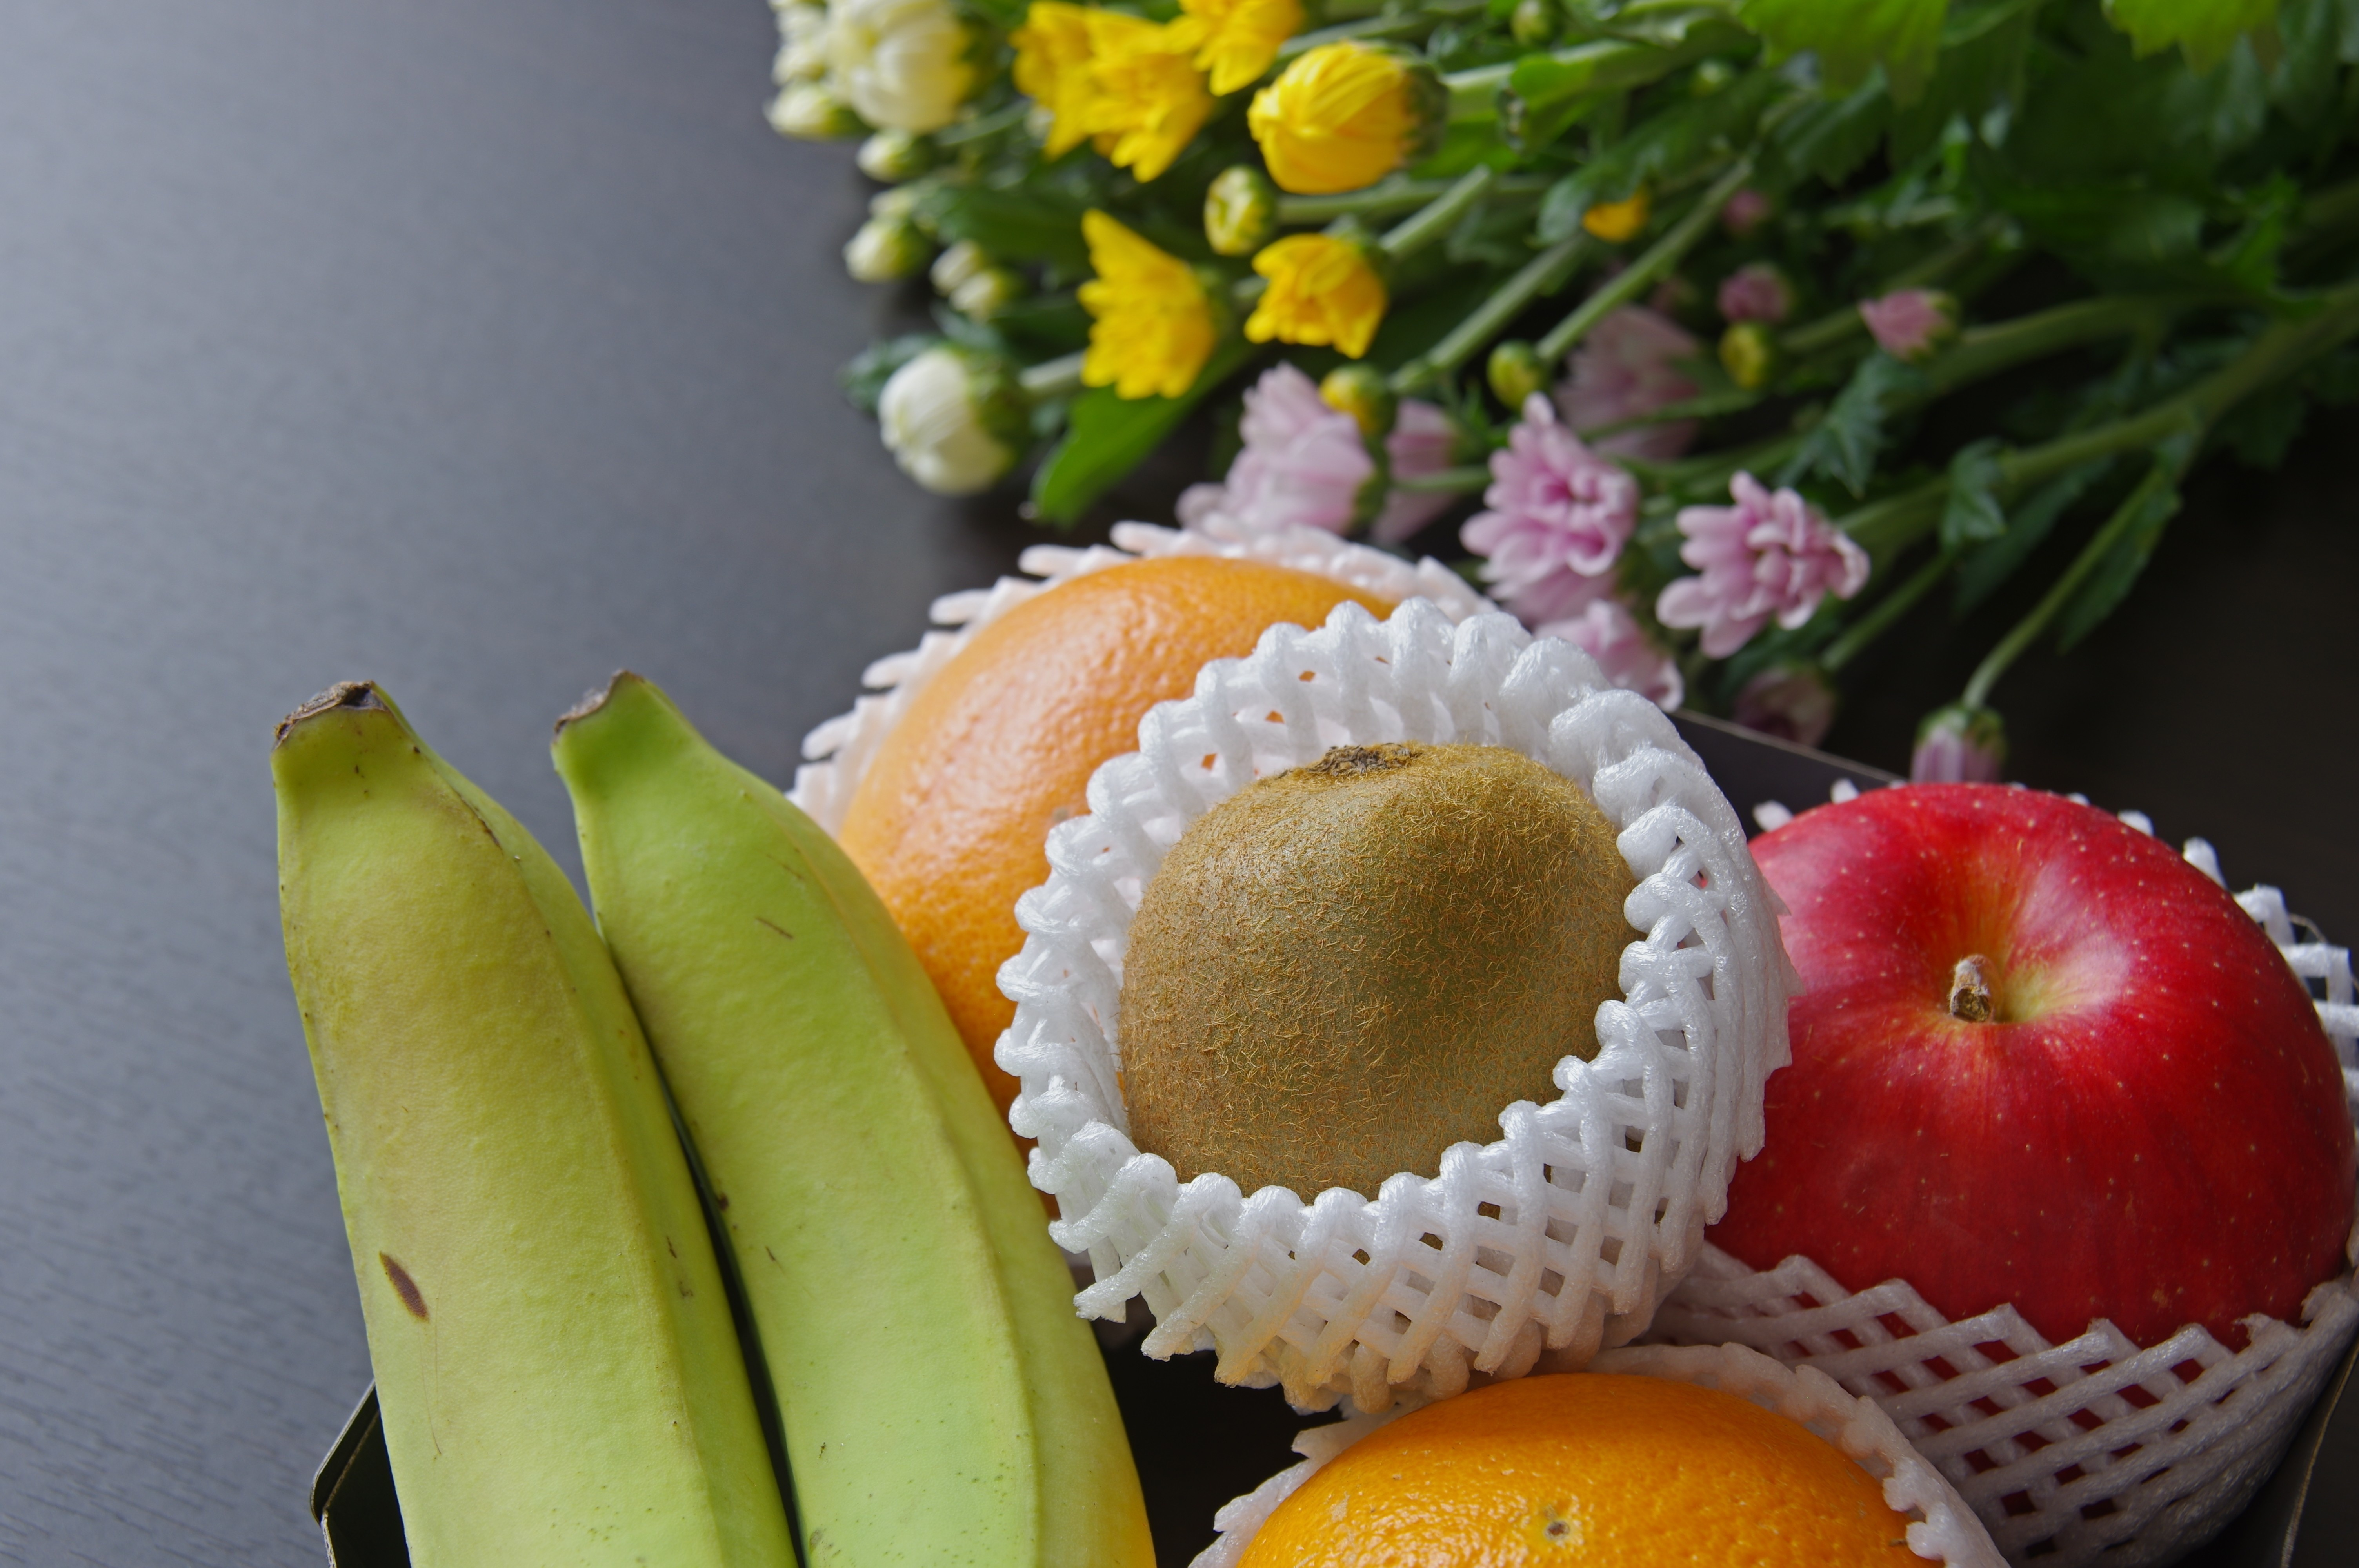 お供えの果物はスーパーで買える?どんなものを選べばいいの?のサムネイル画像